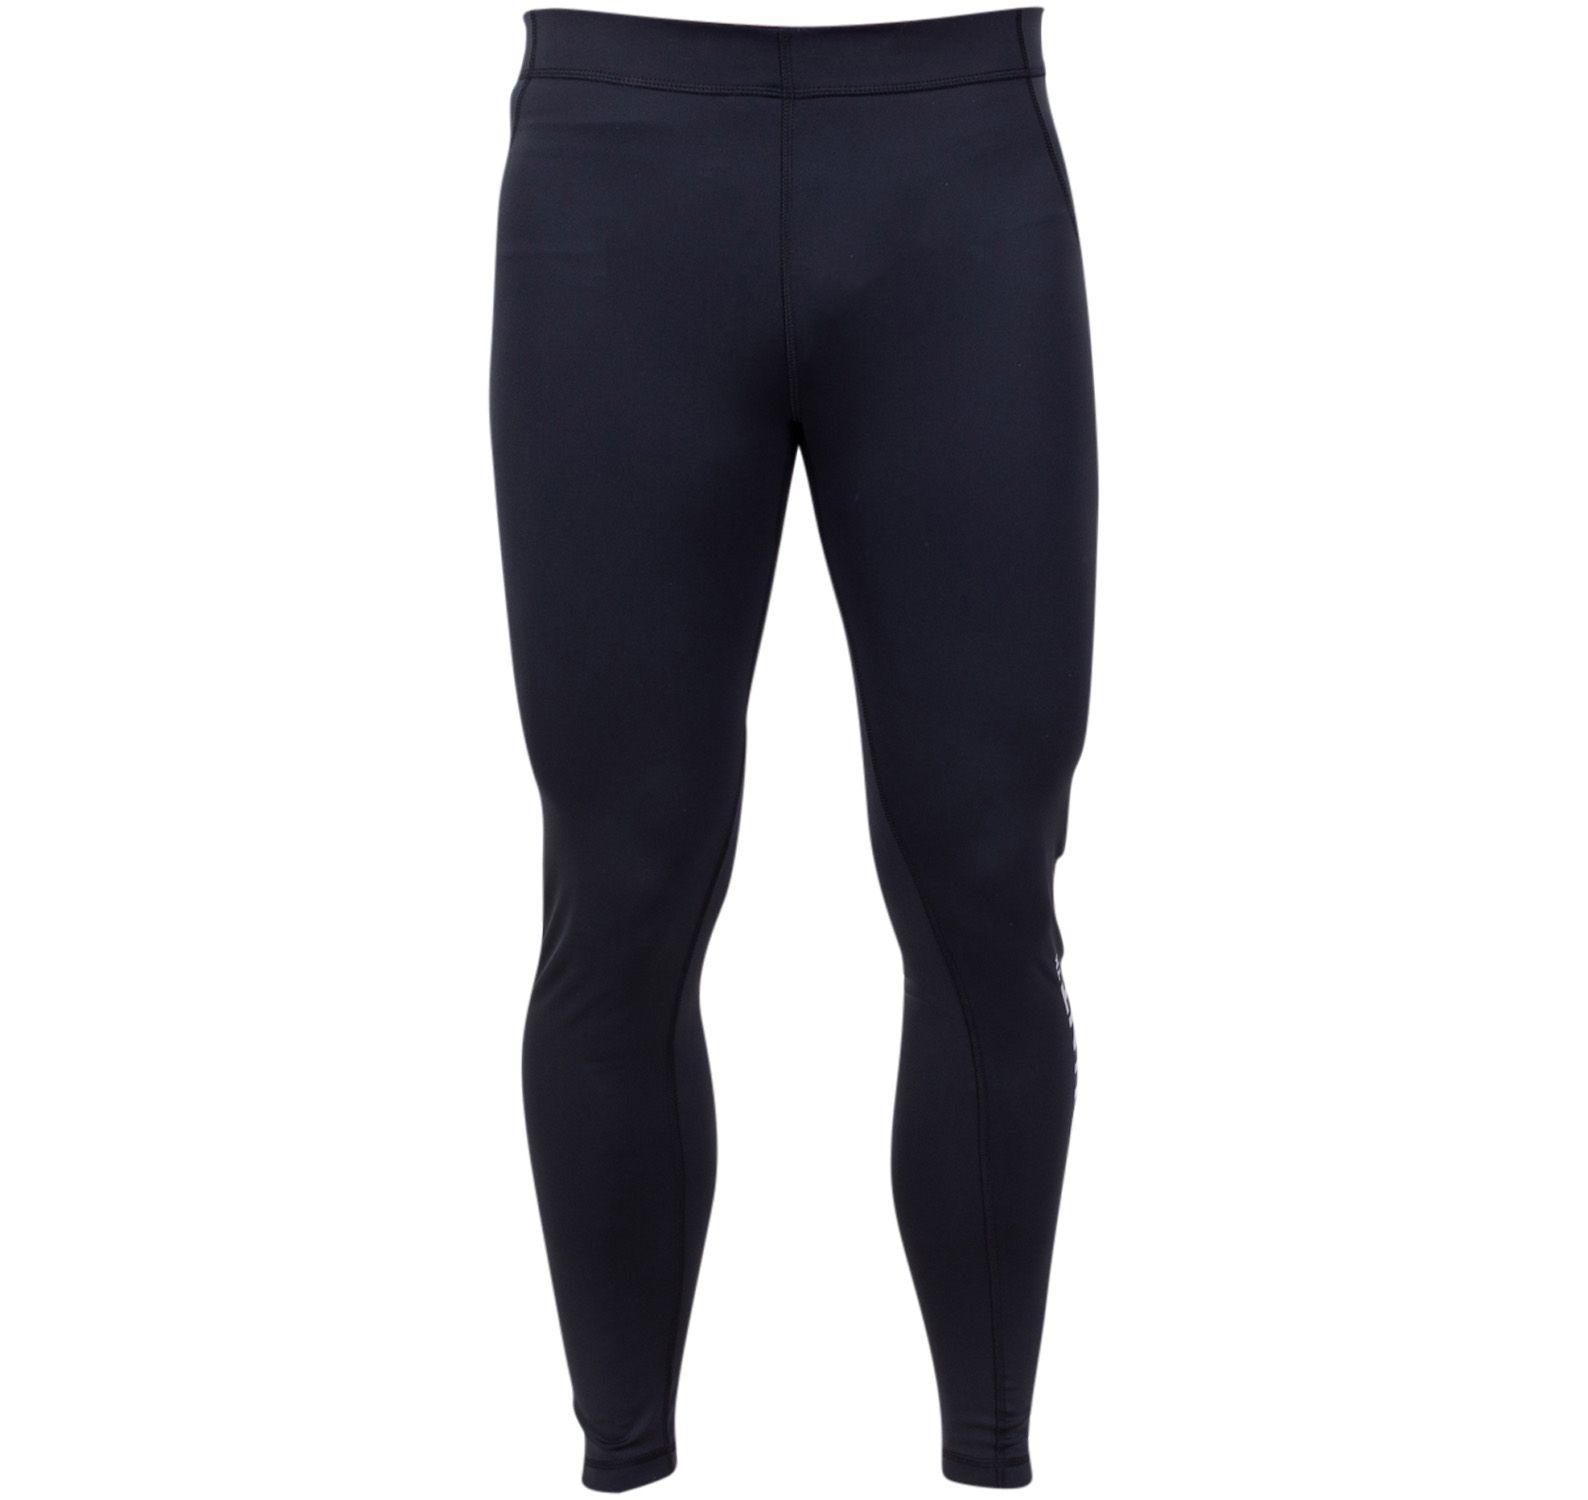 active long tights, black, xl,  löpning